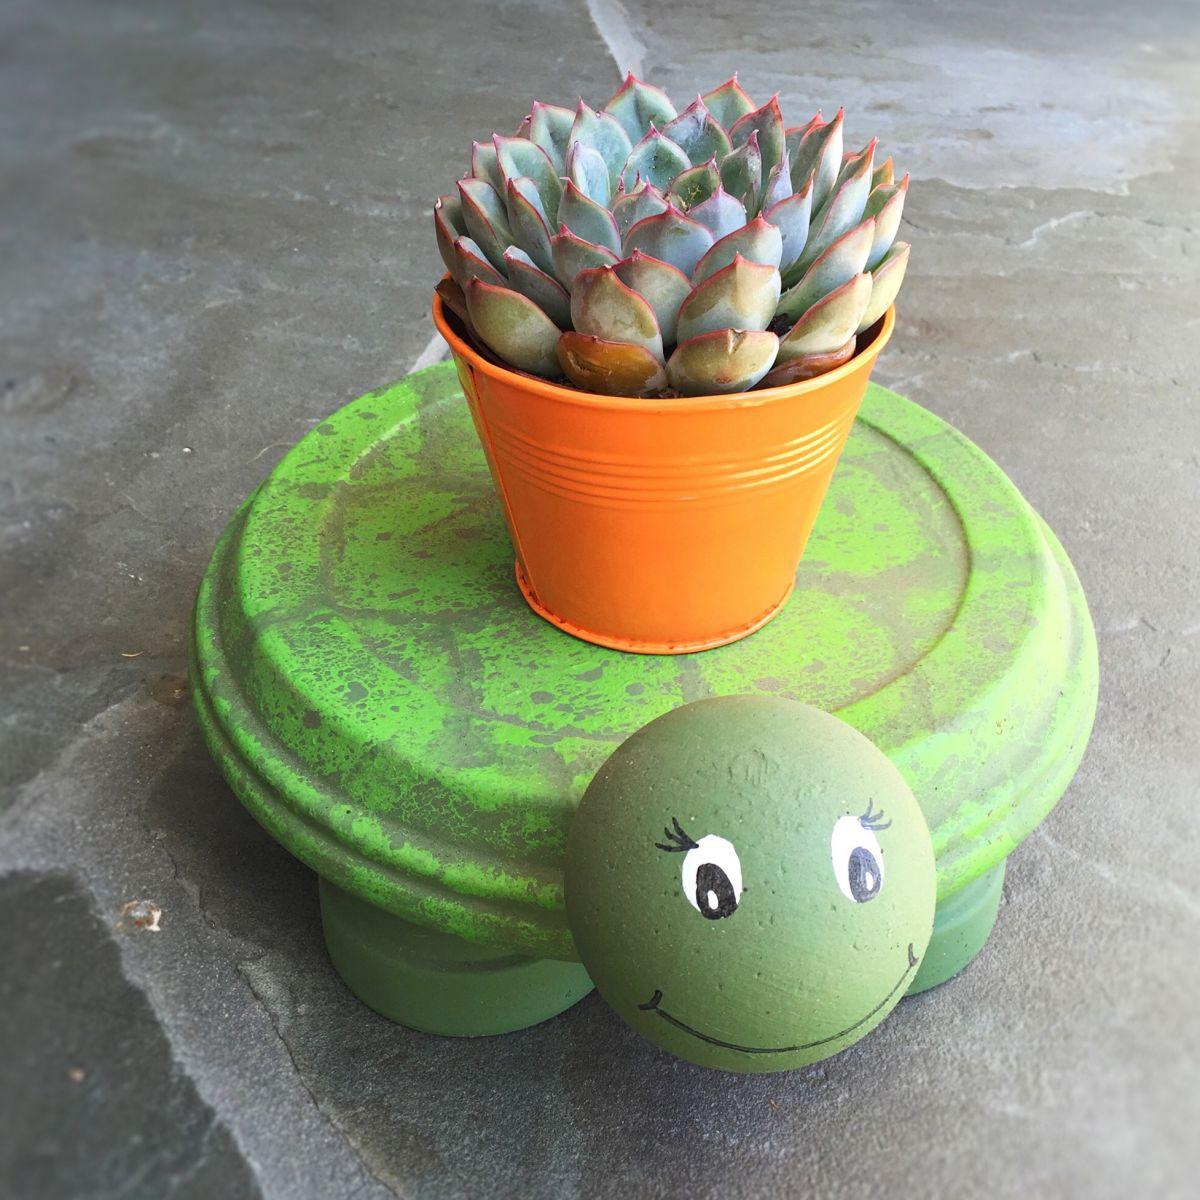 TurtlePotHolderLilyshop2.jpg